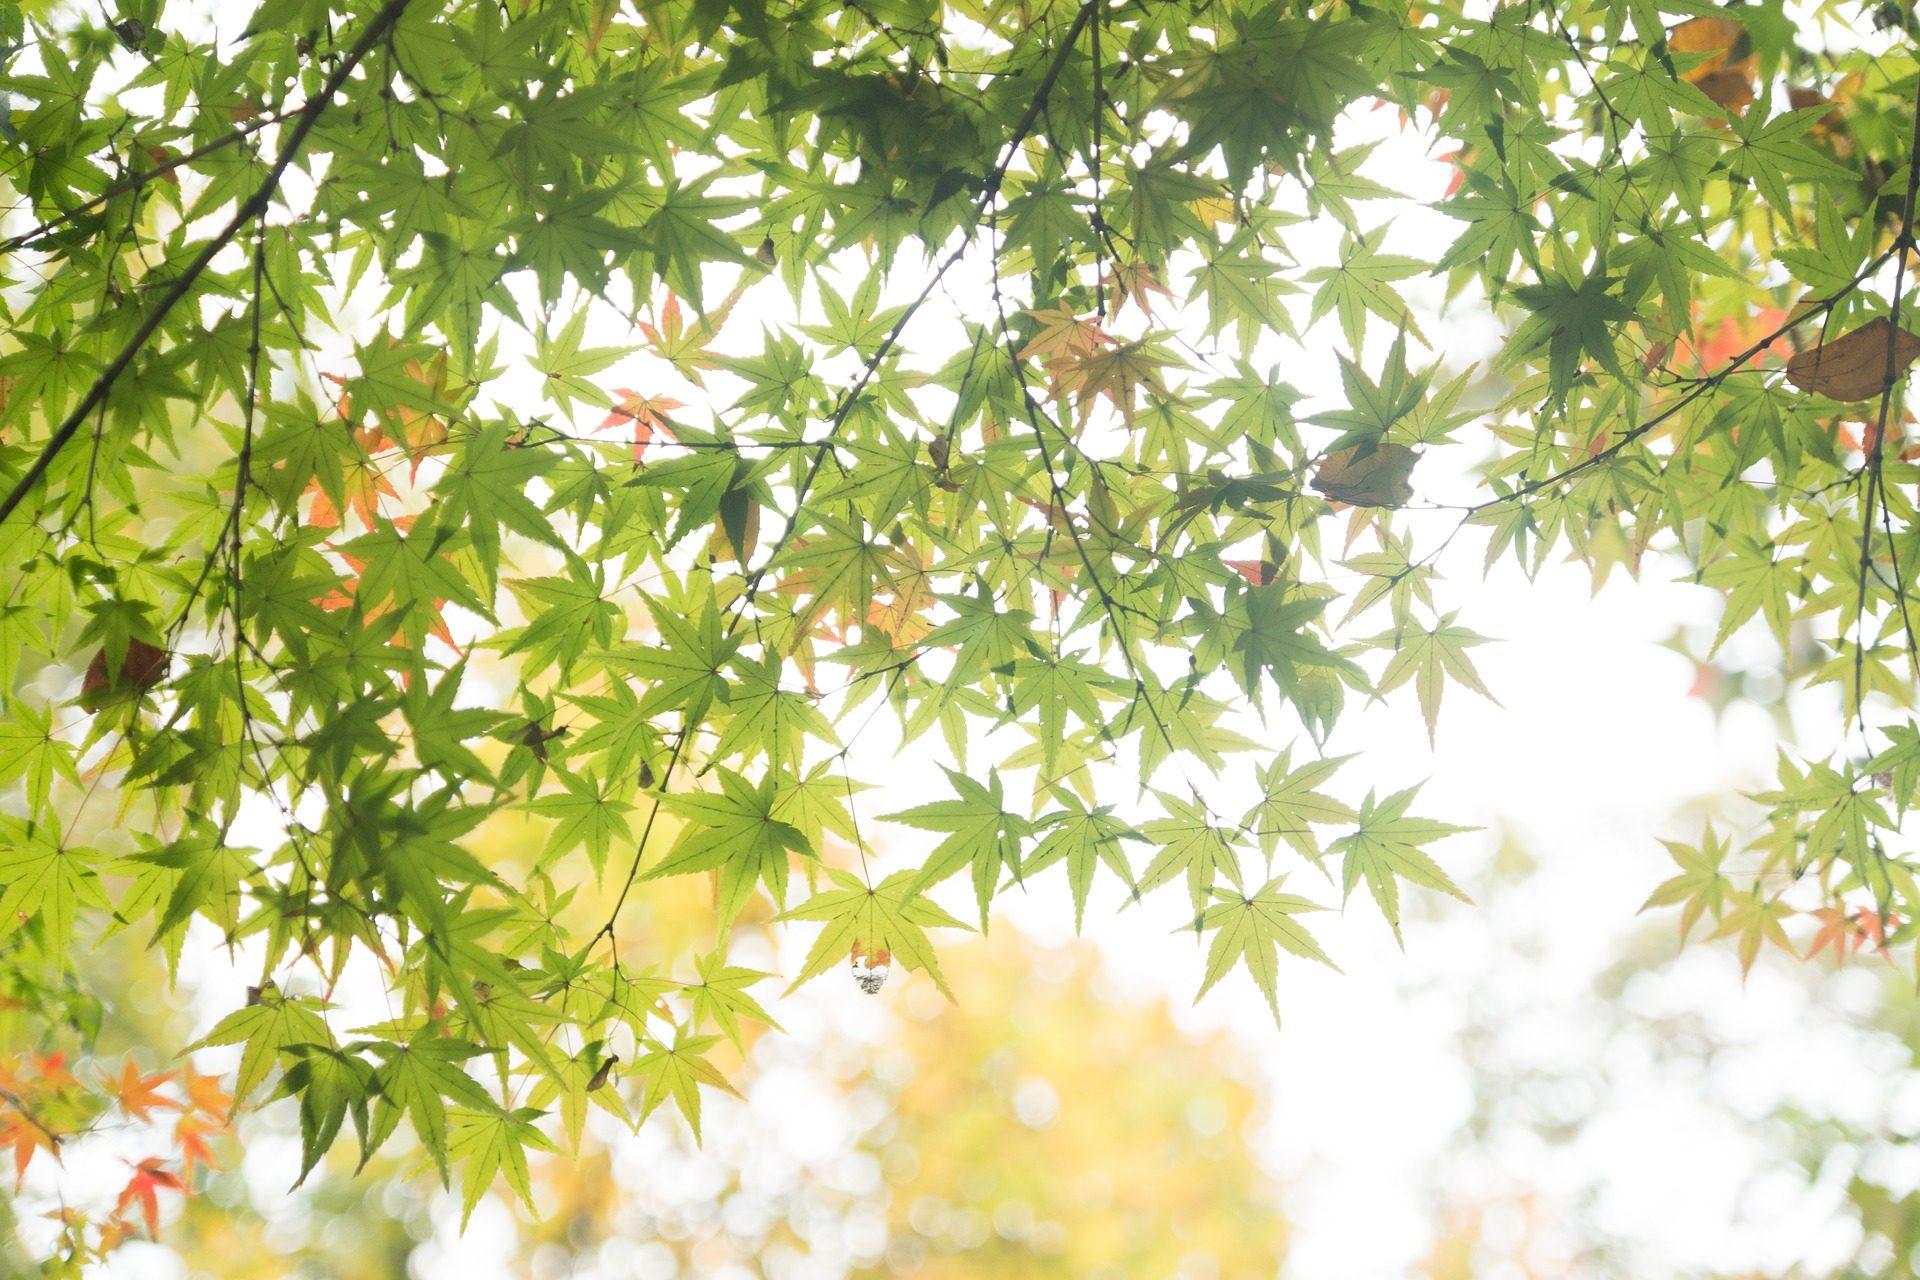 树, 分支机构, 叶子, 晕, 光, 太阳 - 高清壁纸 - 教授-falken.com